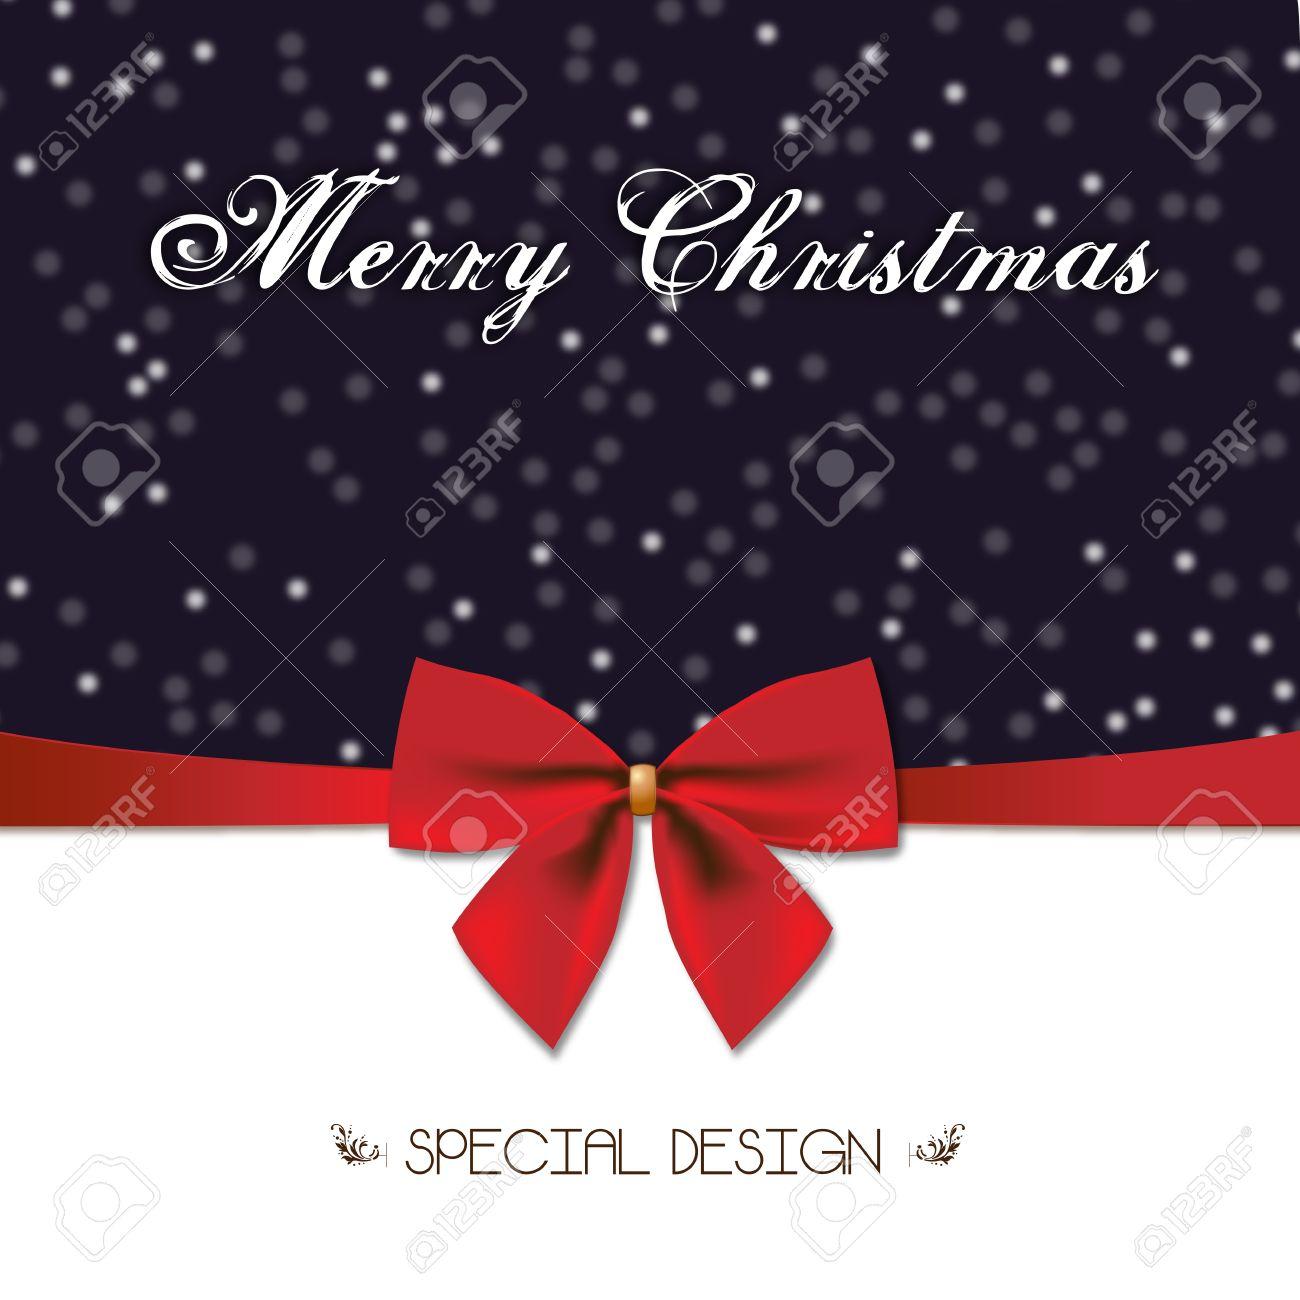 Buon Natale Particolare.Vettoriale Buon Natale Design Particolare E Red Bow Decorazione